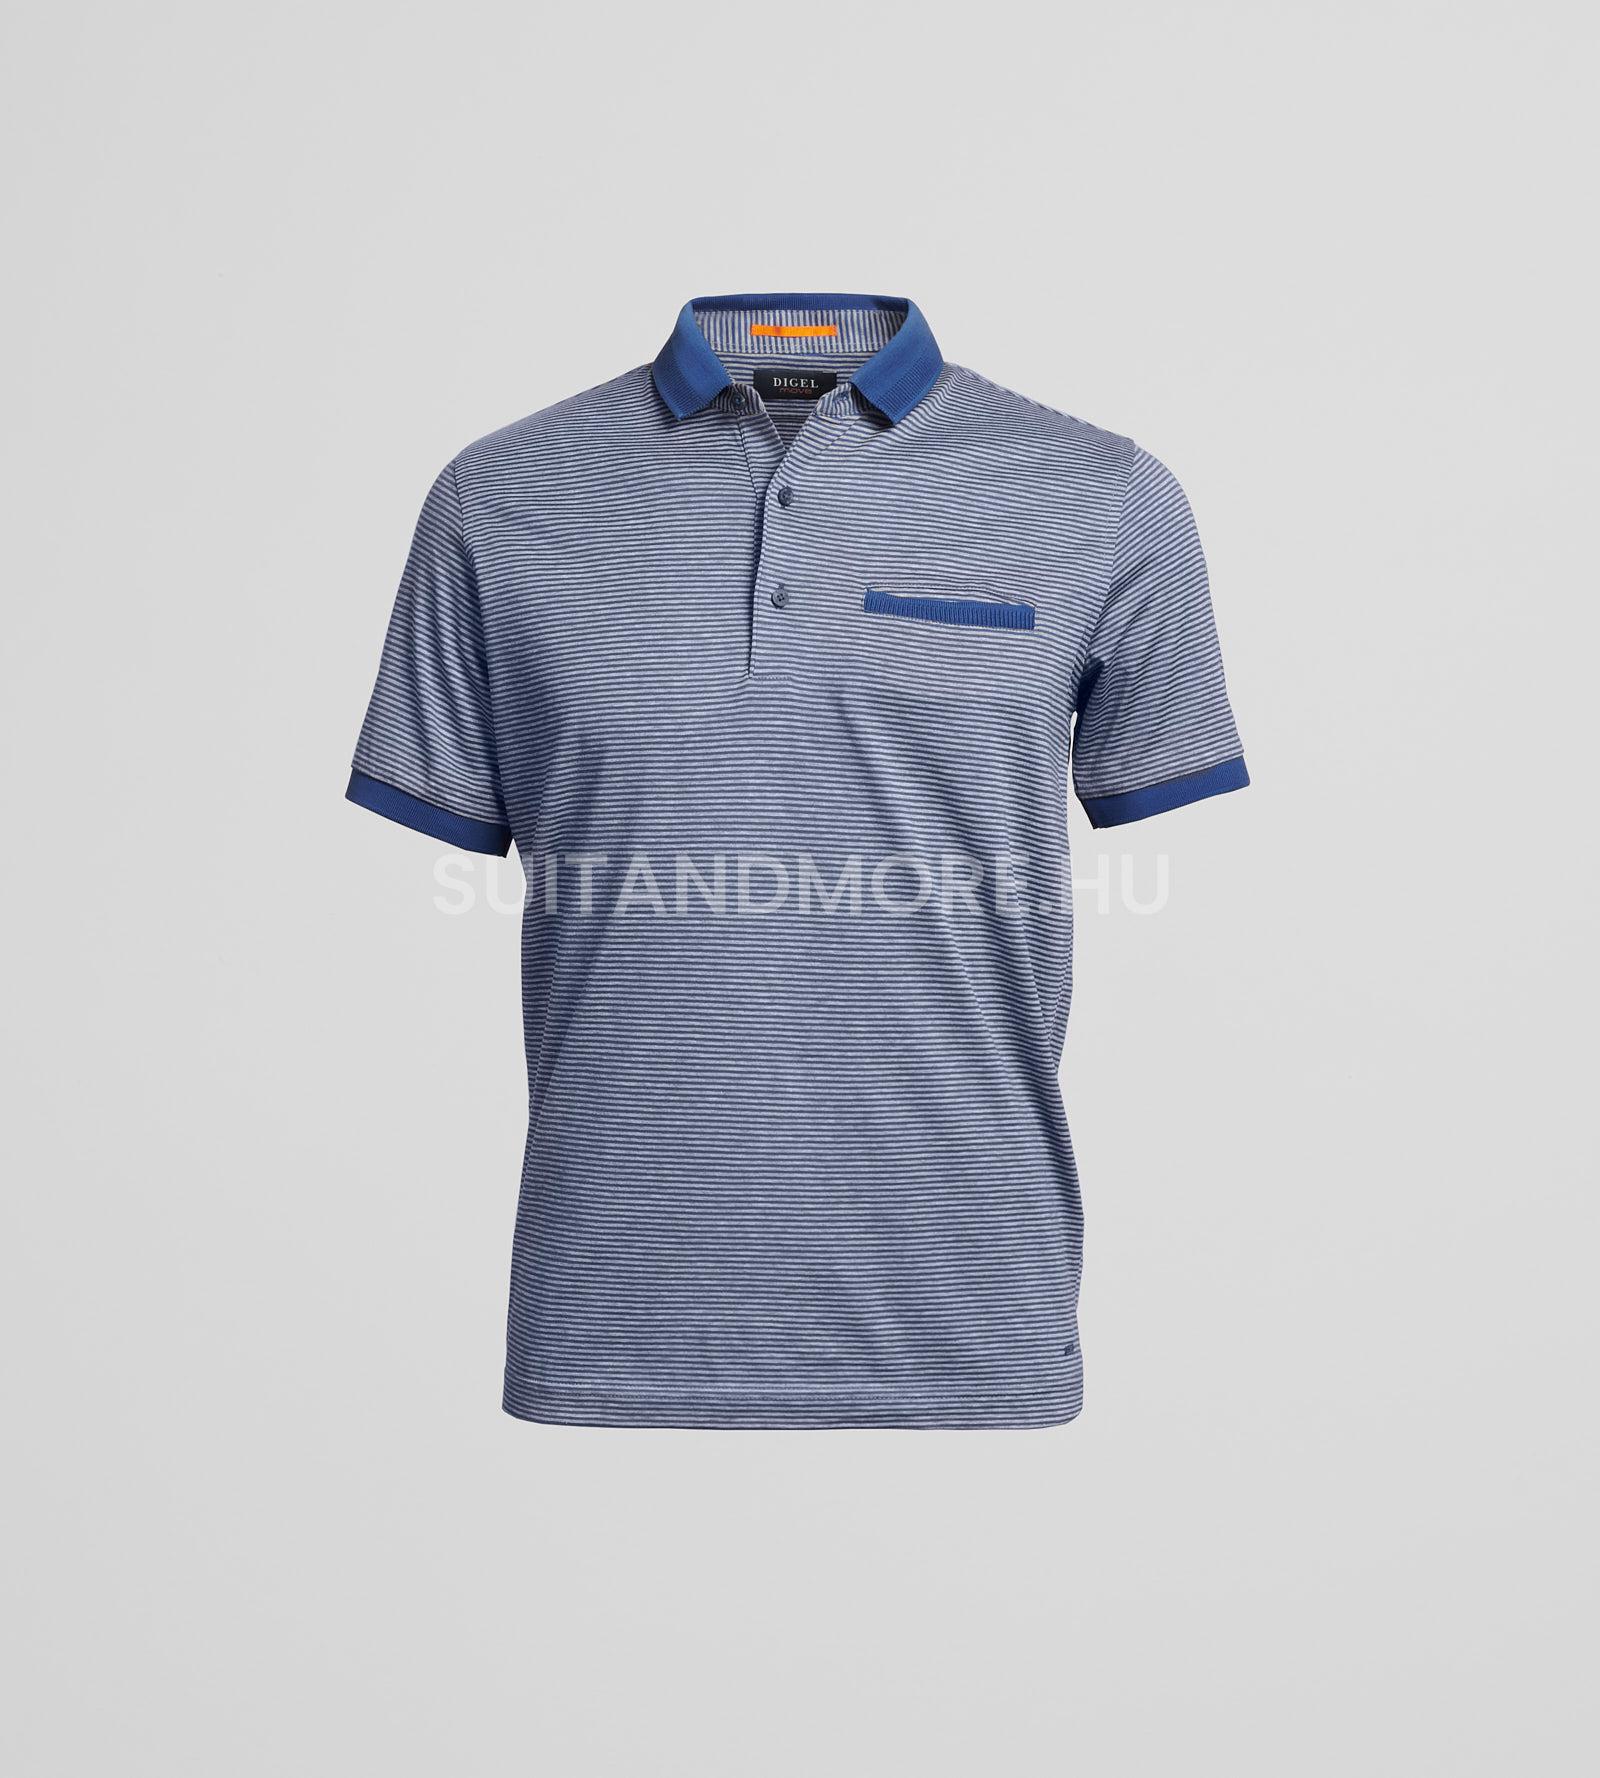 Digel-kék-slim-fit-csíkos-ingpóló-ANDREA-1-2-1188115-22-01